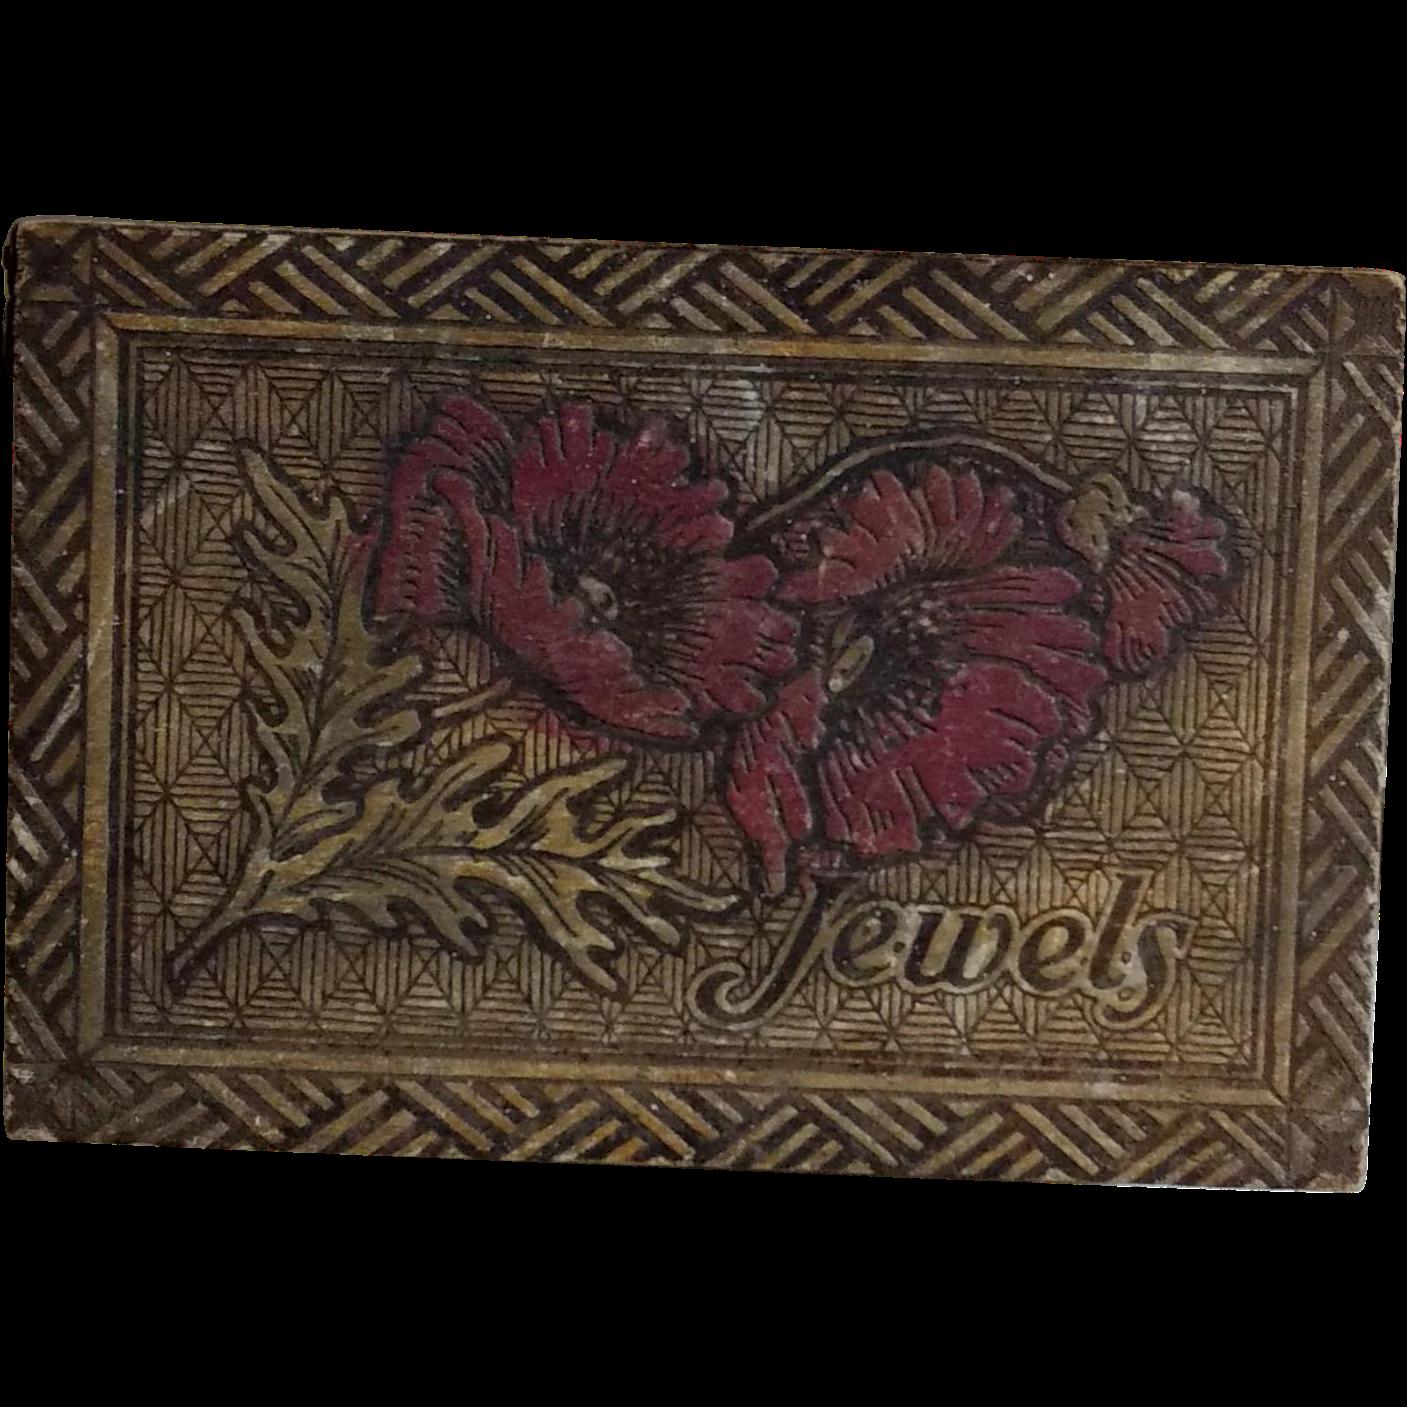 Flemish Art Pyrography Jewelry Box